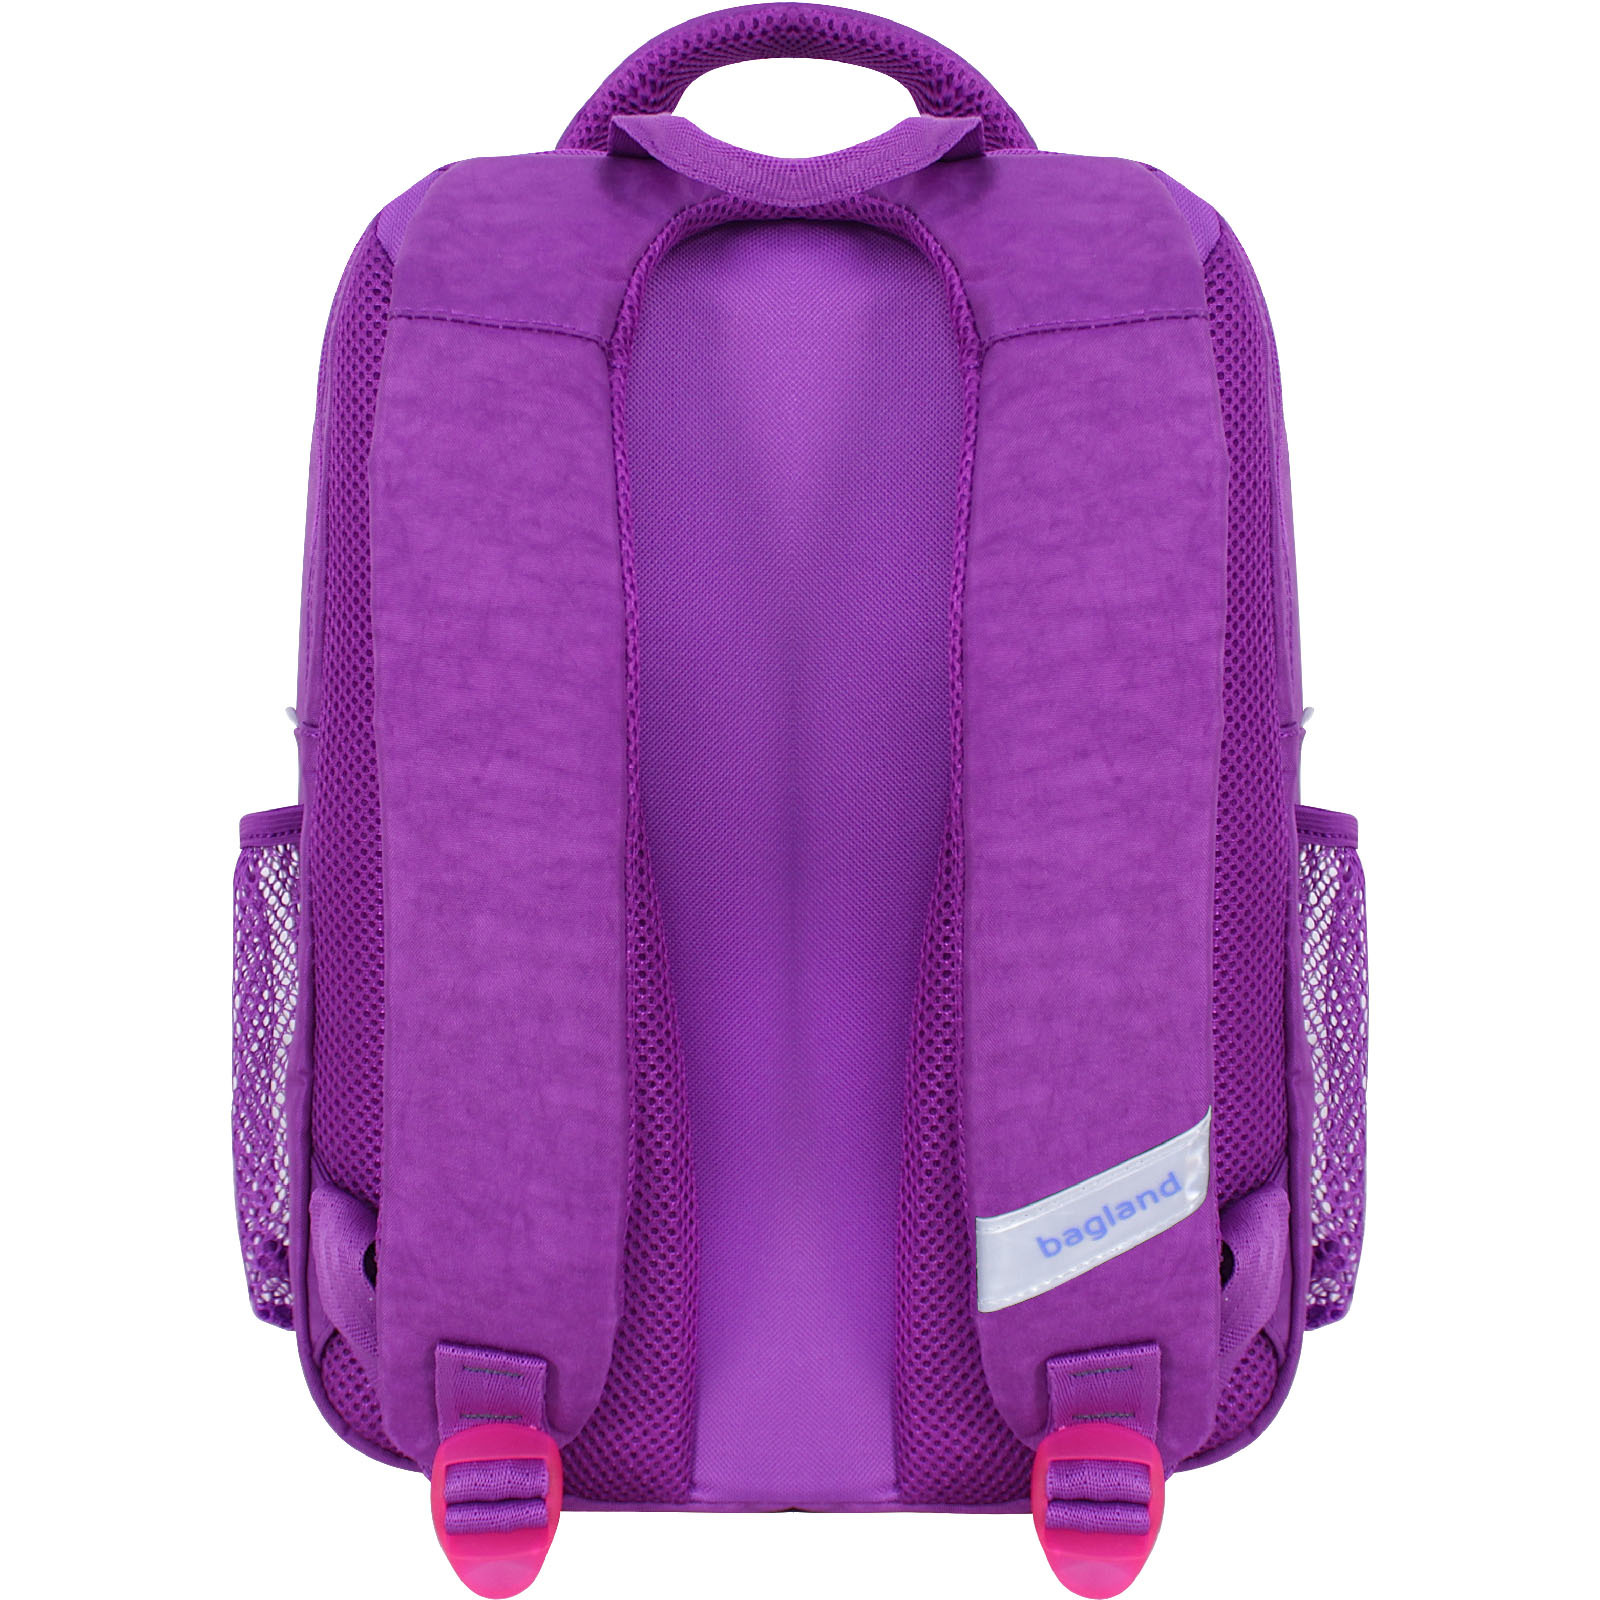 Рюкзак школьный Bagland Школьник 8 л. фиолетовый 890 (0012870)